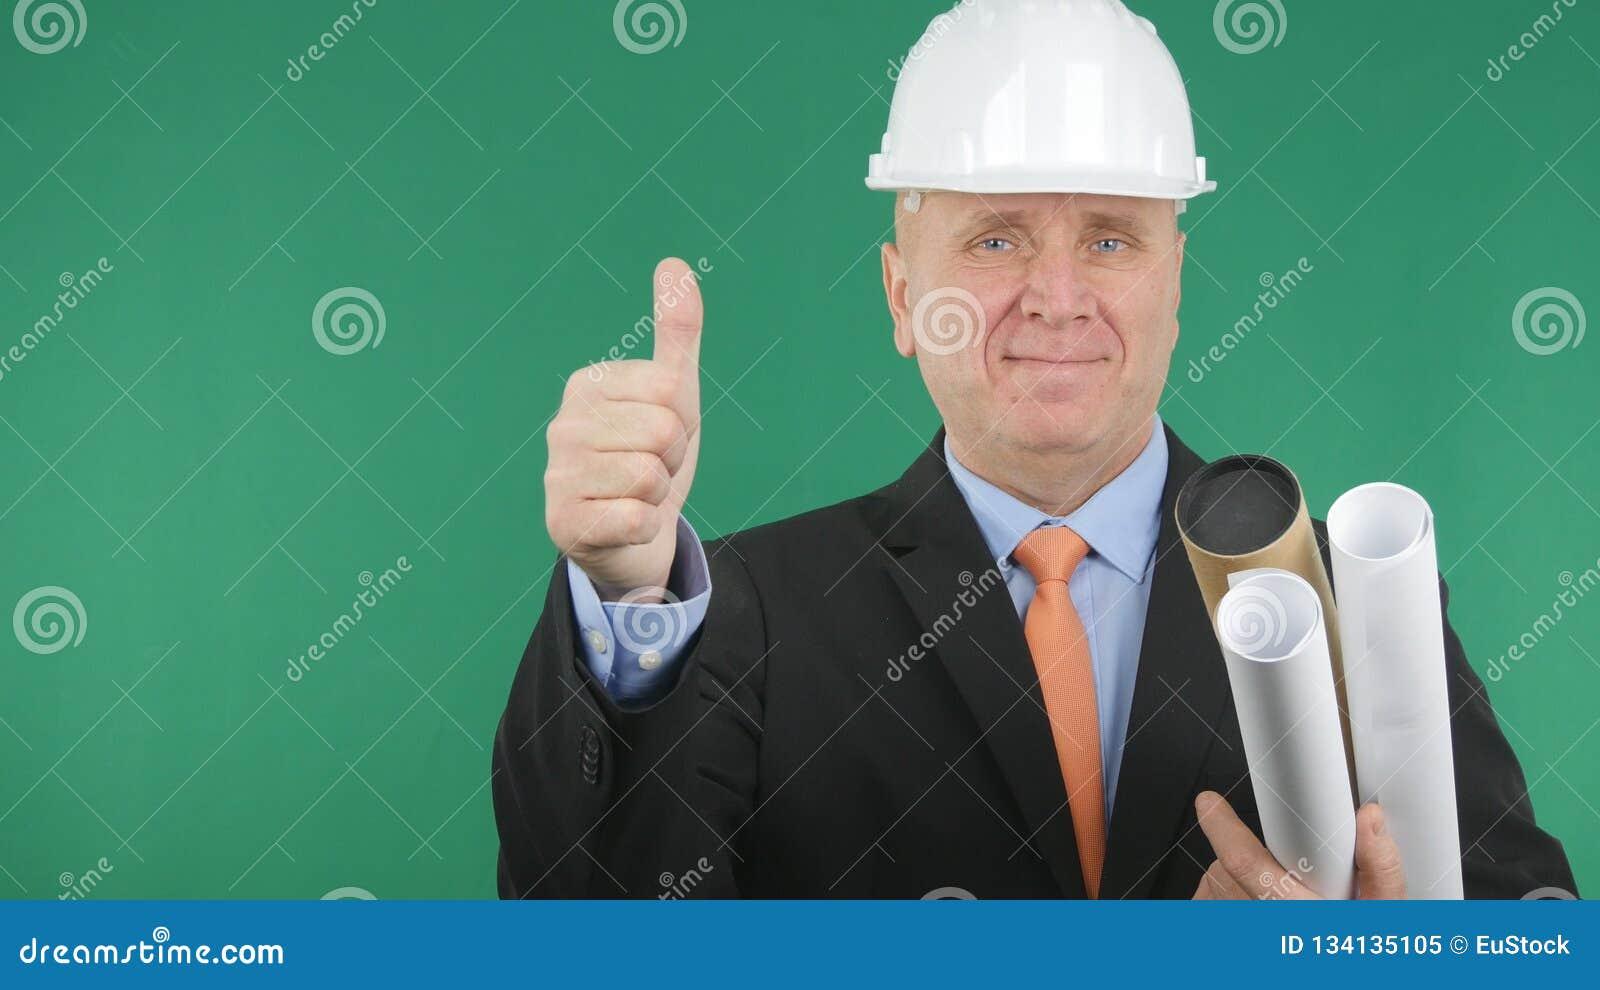 Gelukkige Ingenieur Smile en Duimen omhoog met het Groene Scherm op Achtergrond